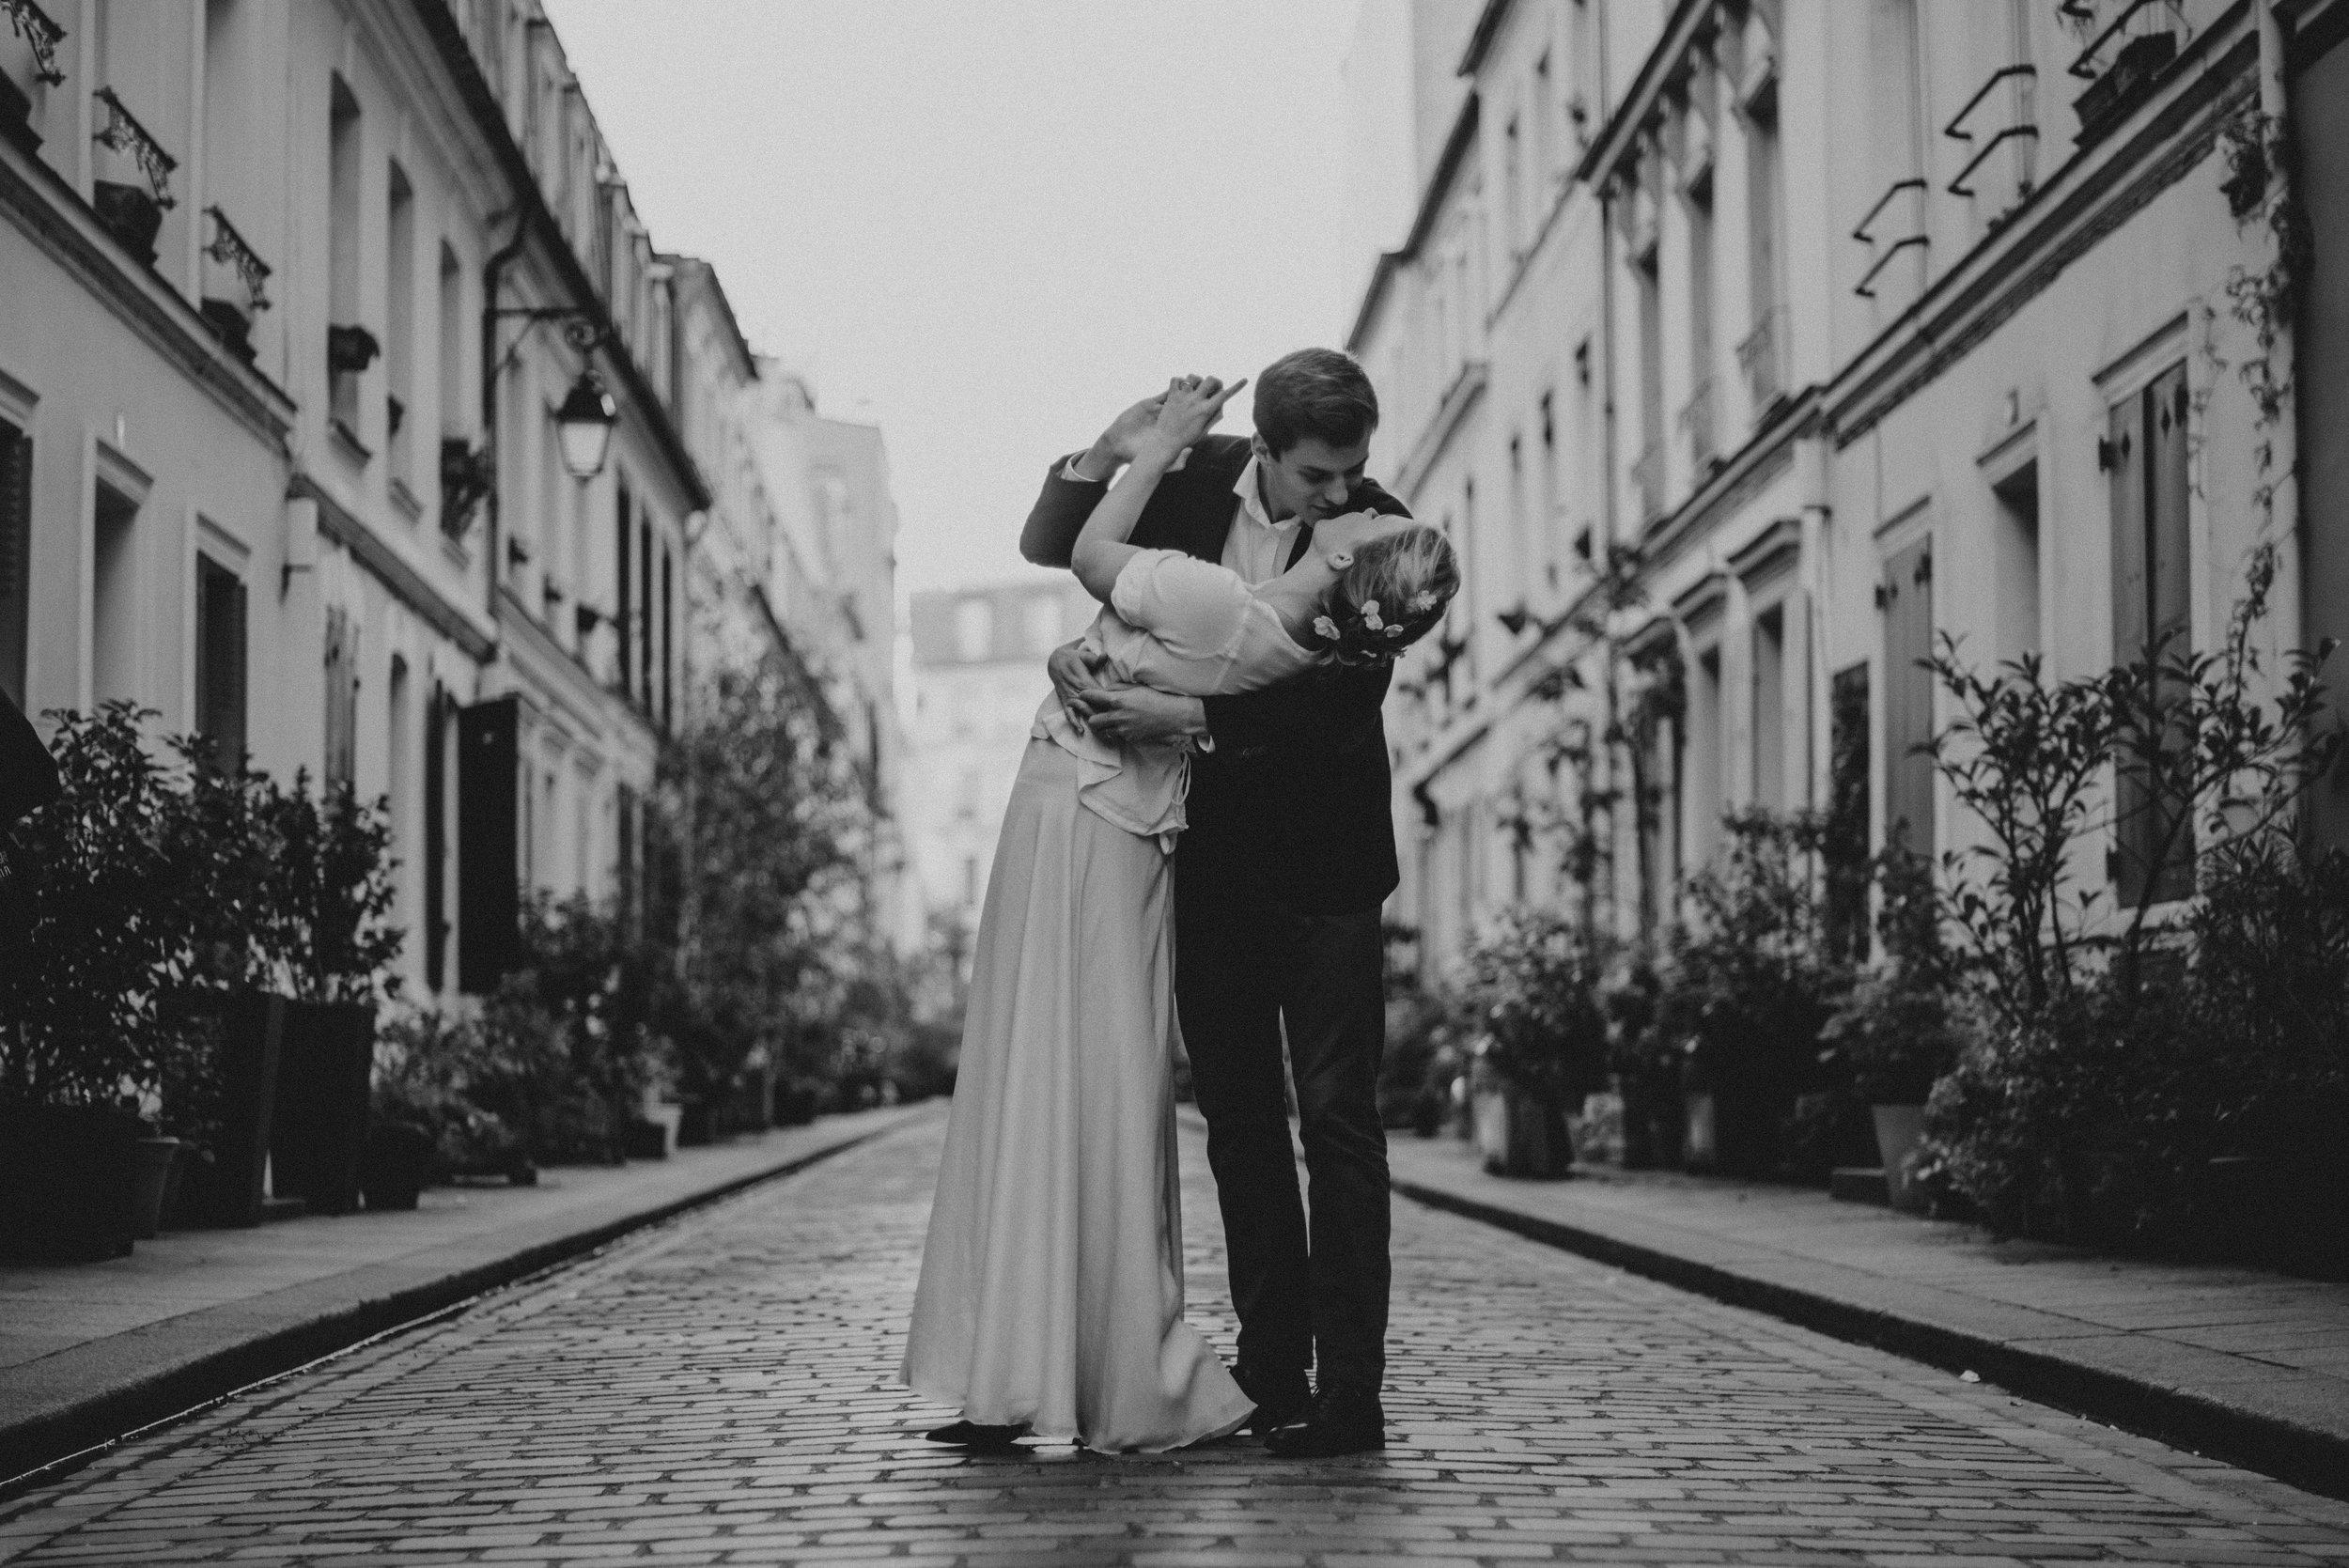 Léa-Fery-photographe-professionnel-lyon-rhone-alpes-portrait-creation-mariage-evenement-evenementiel-famille-2862.jpg